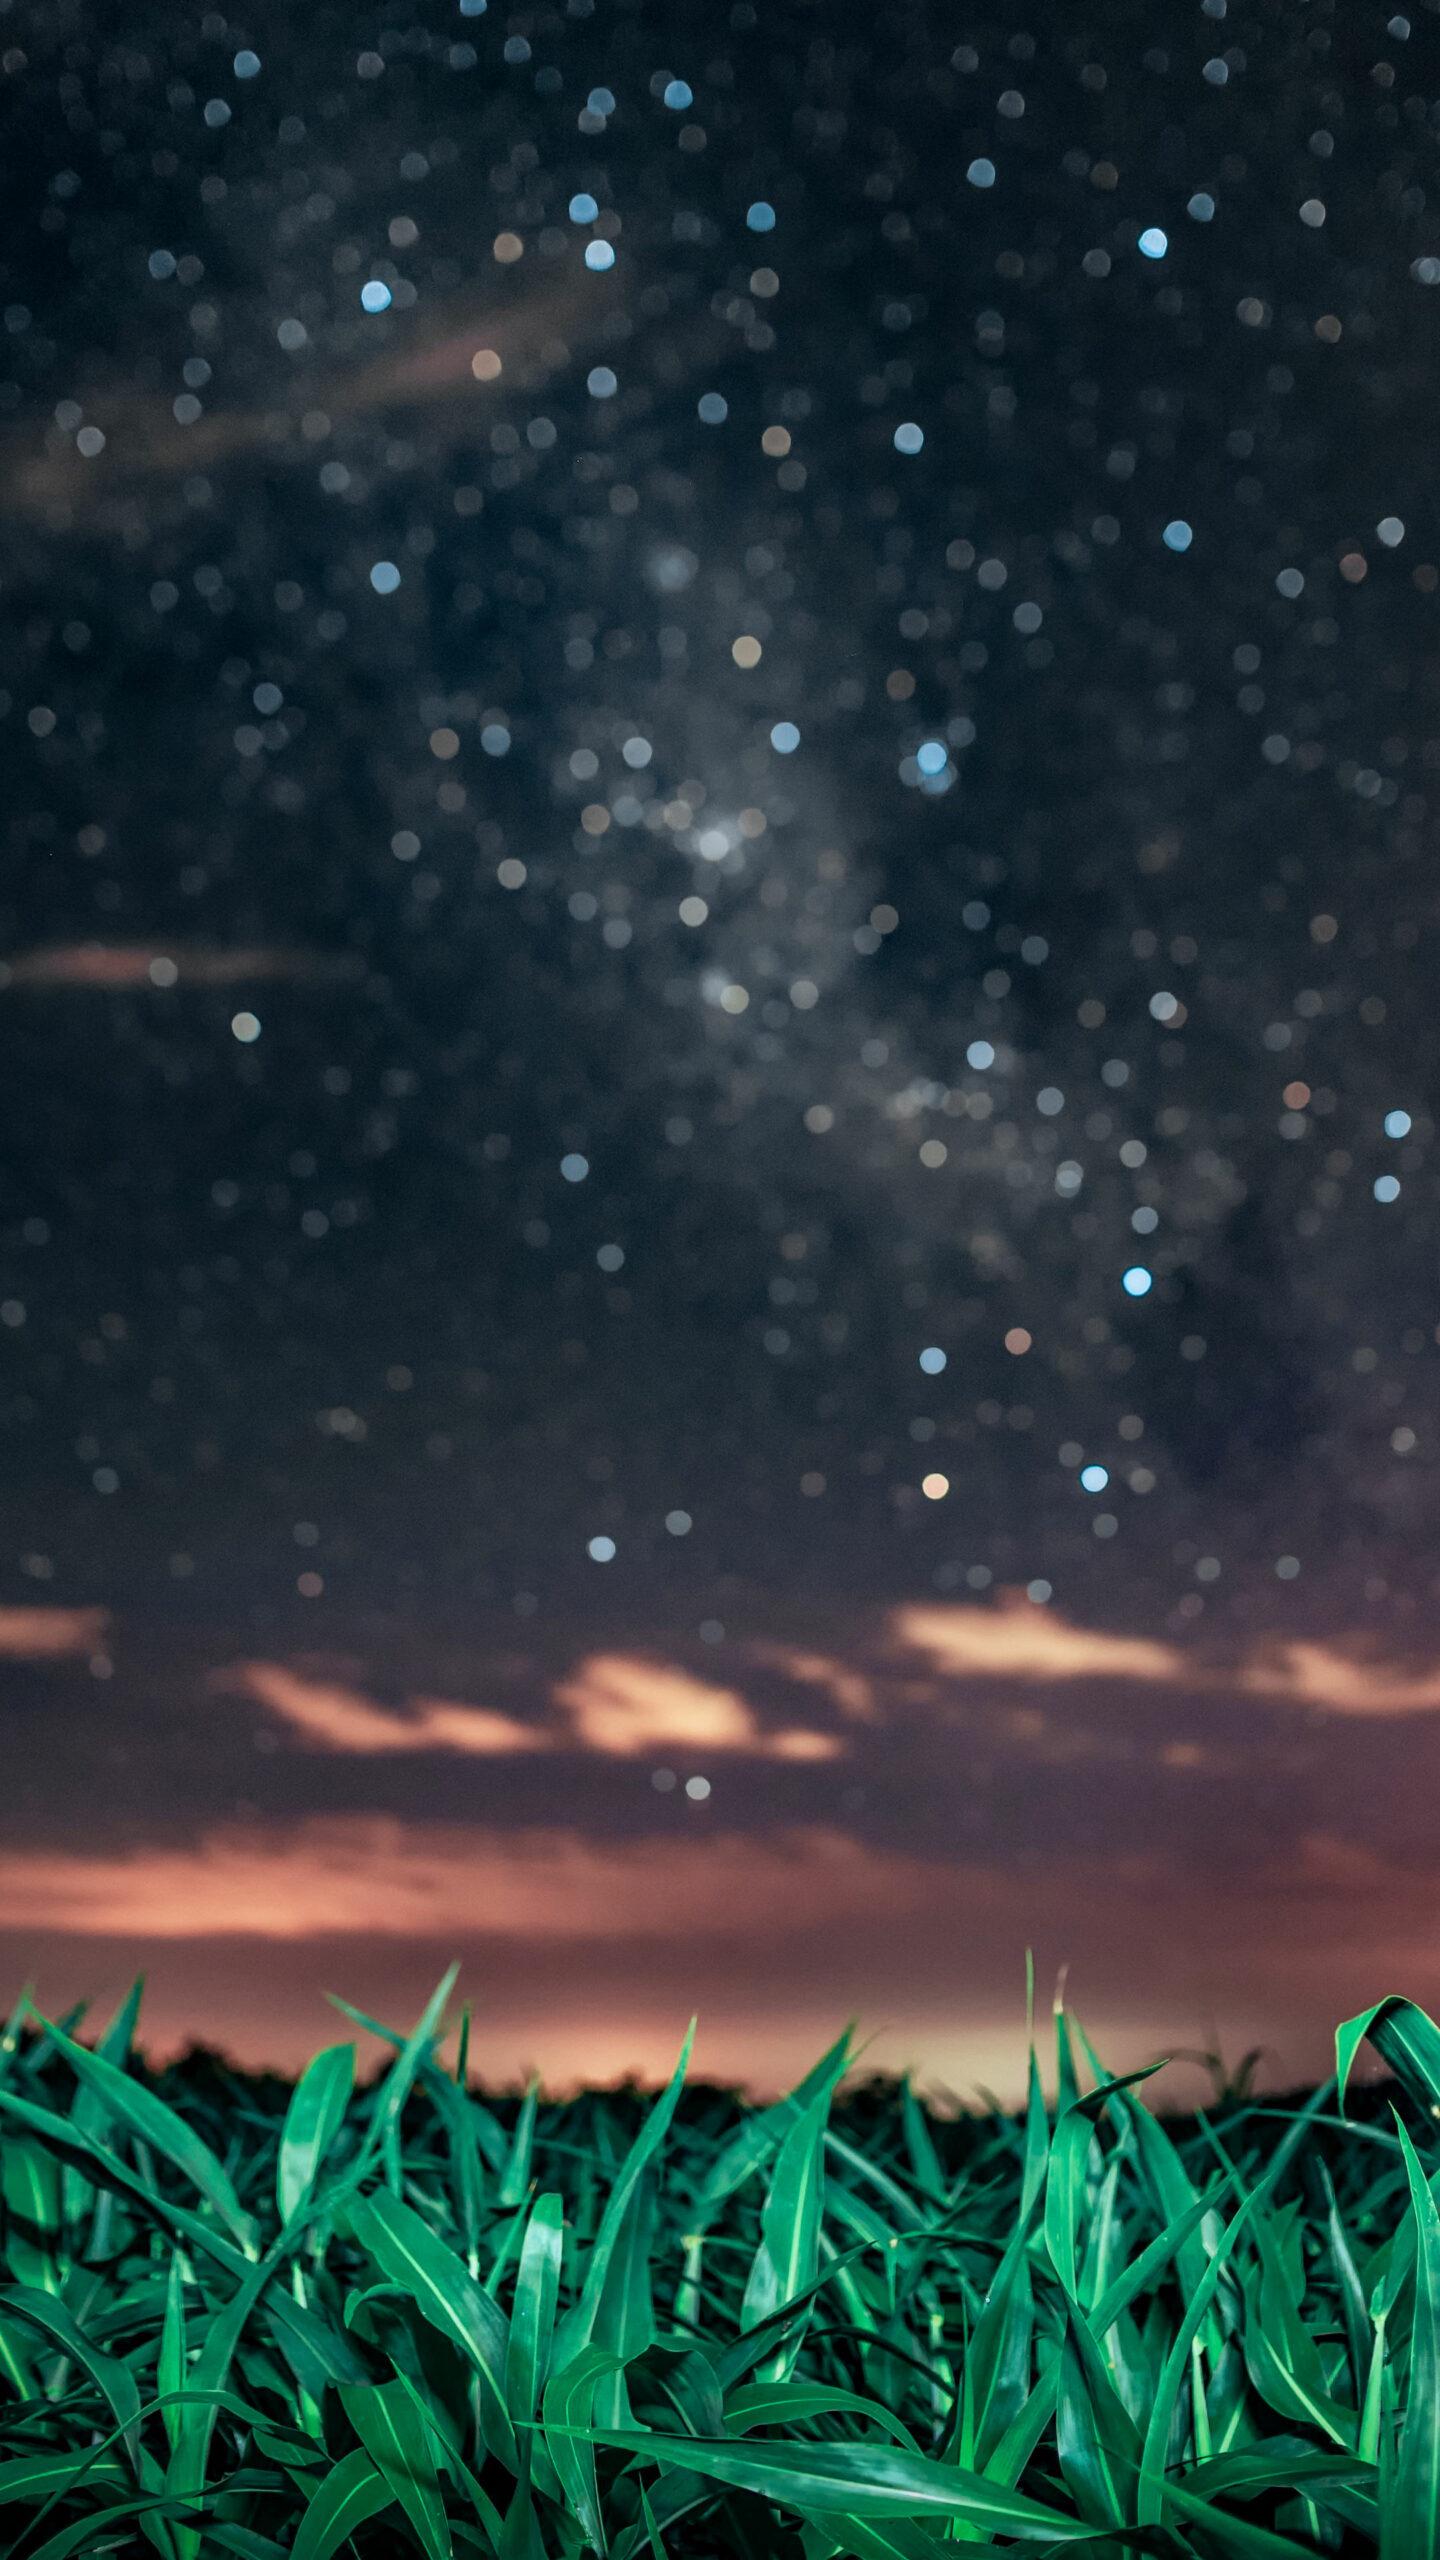 Fondo de pantalla Night Lights por Emilio Küffer